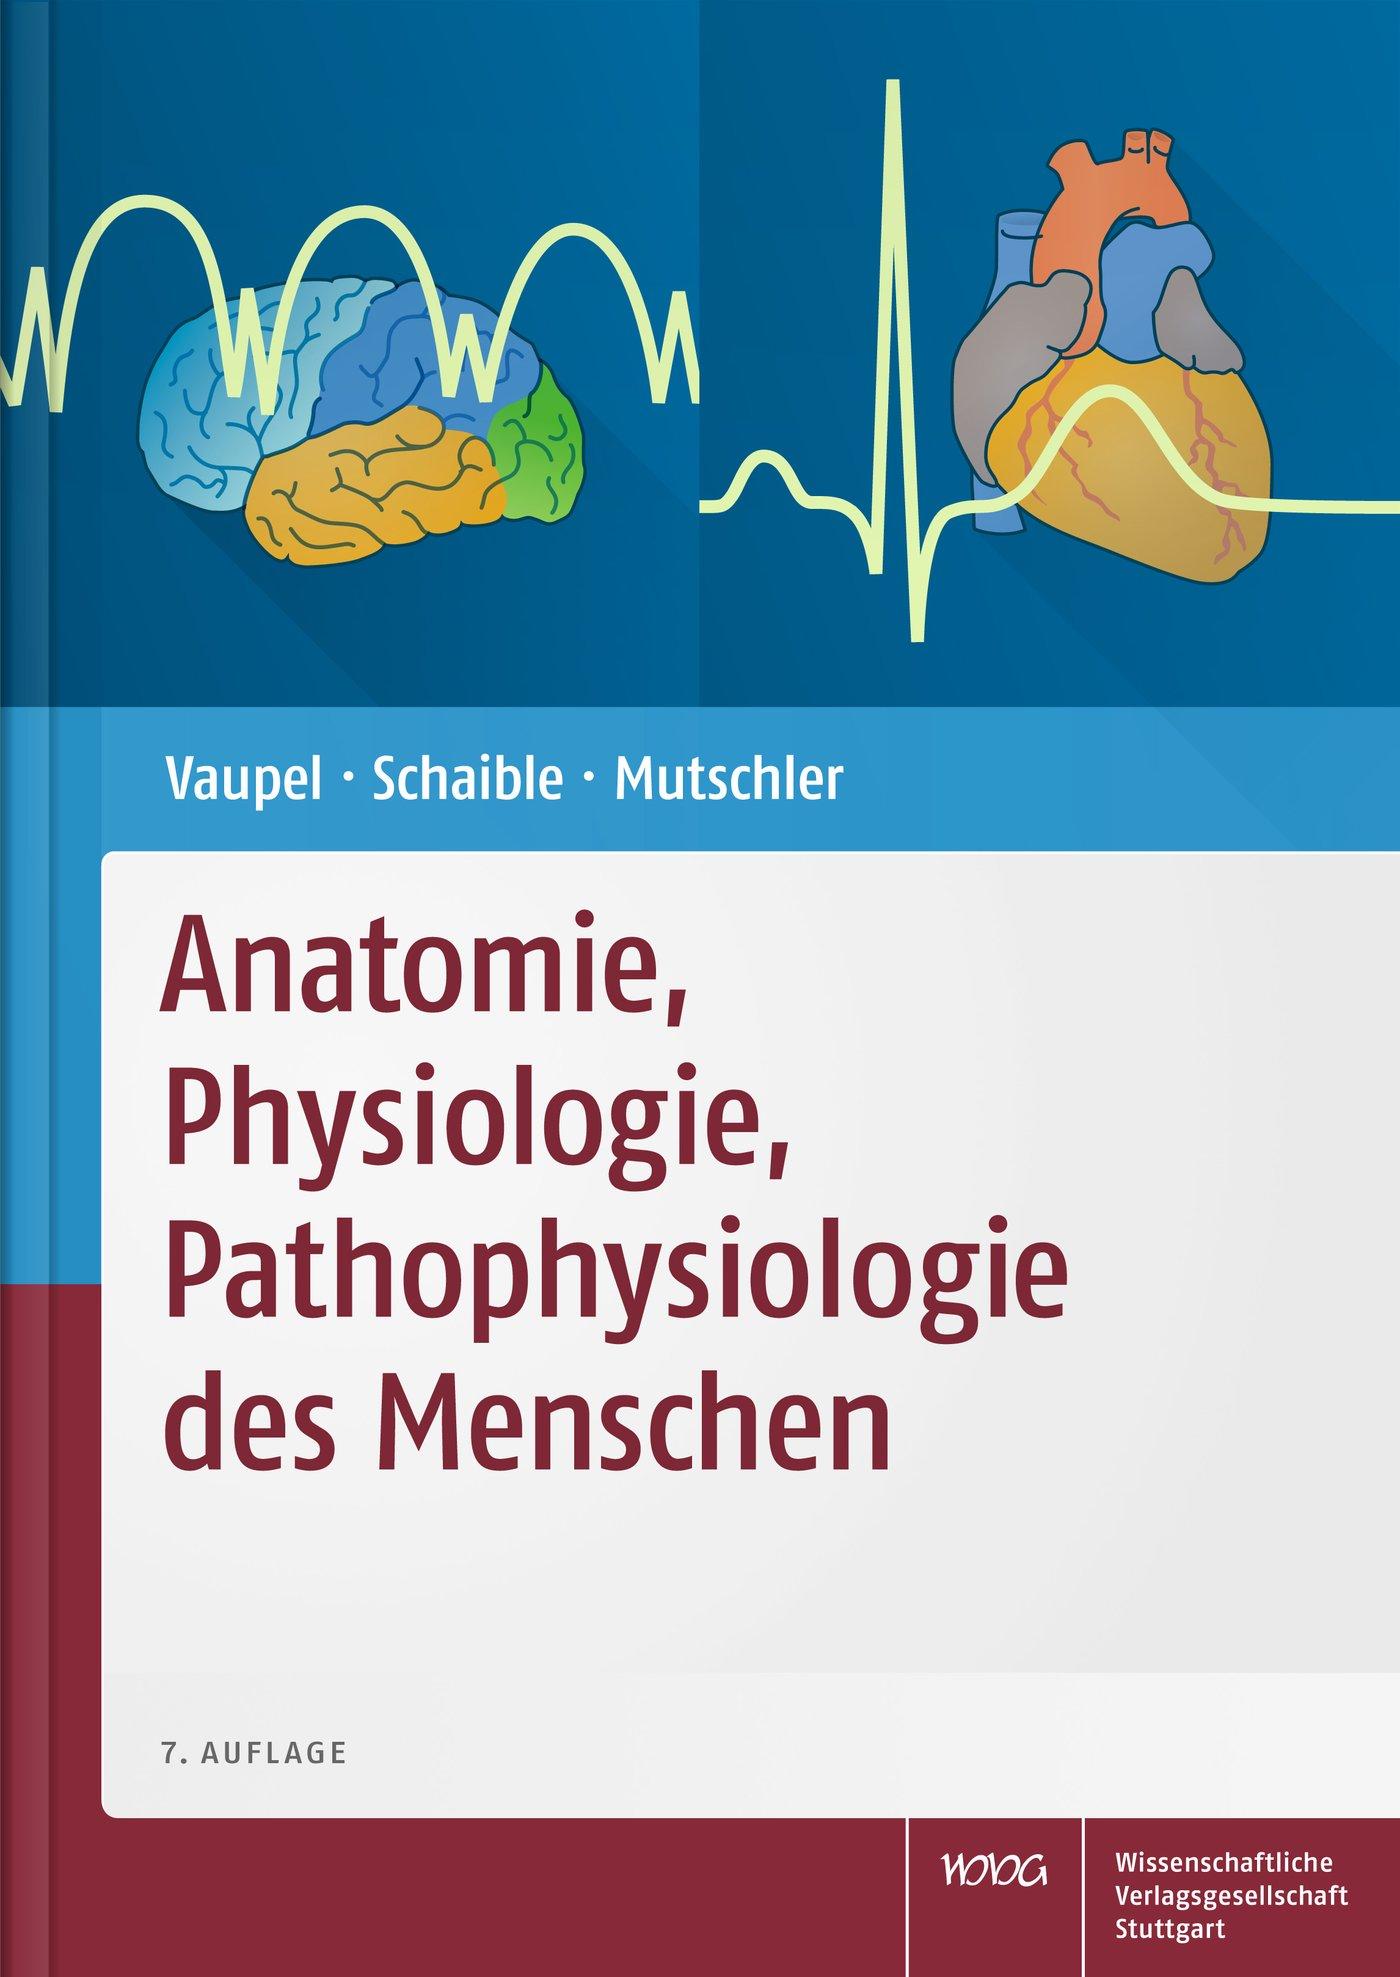 Anatomie, Physiologie, Pathophysiologie des Menschen - Shop ...